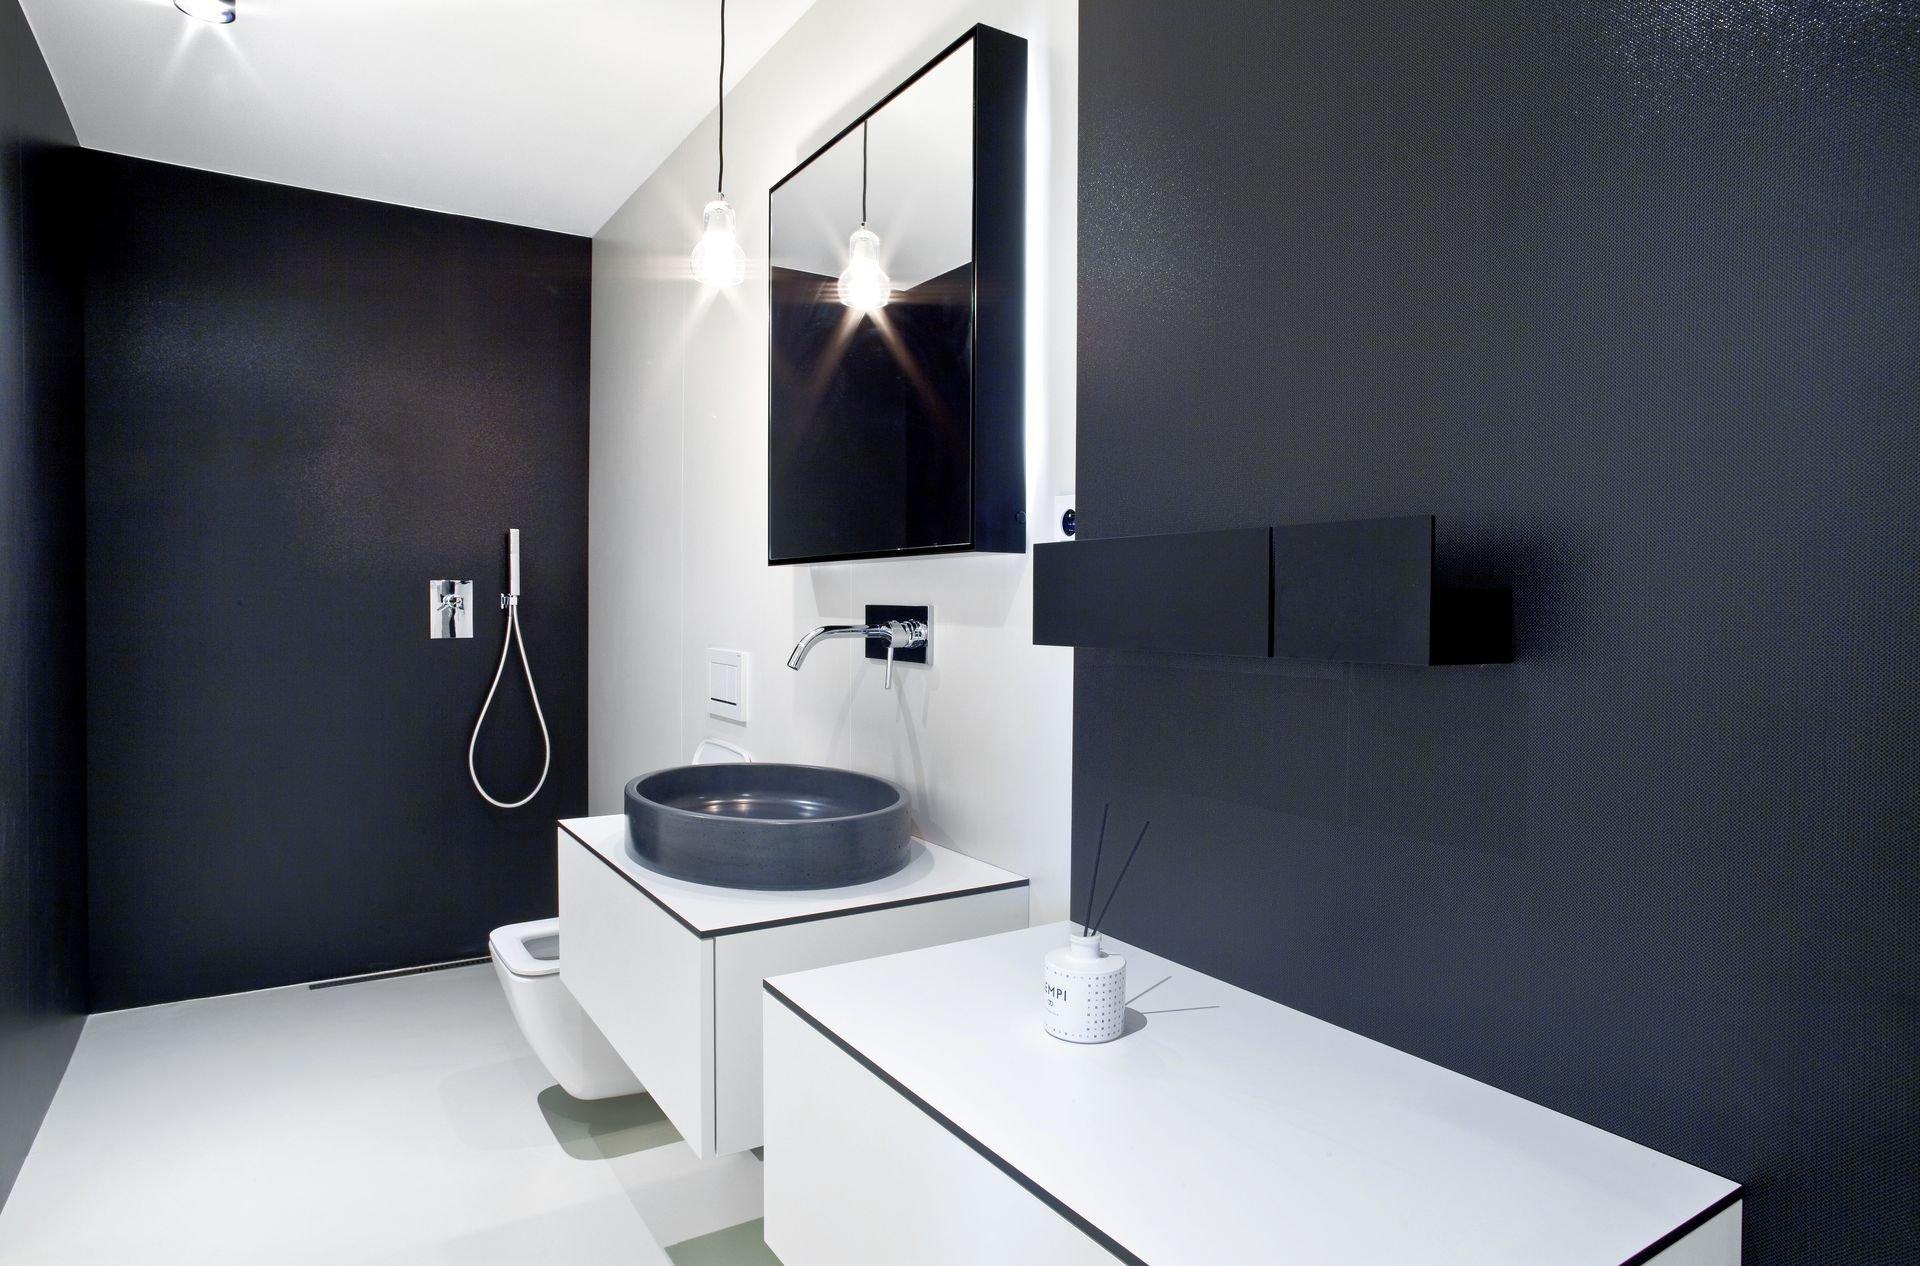 Salle de bain, Architectes No Limits